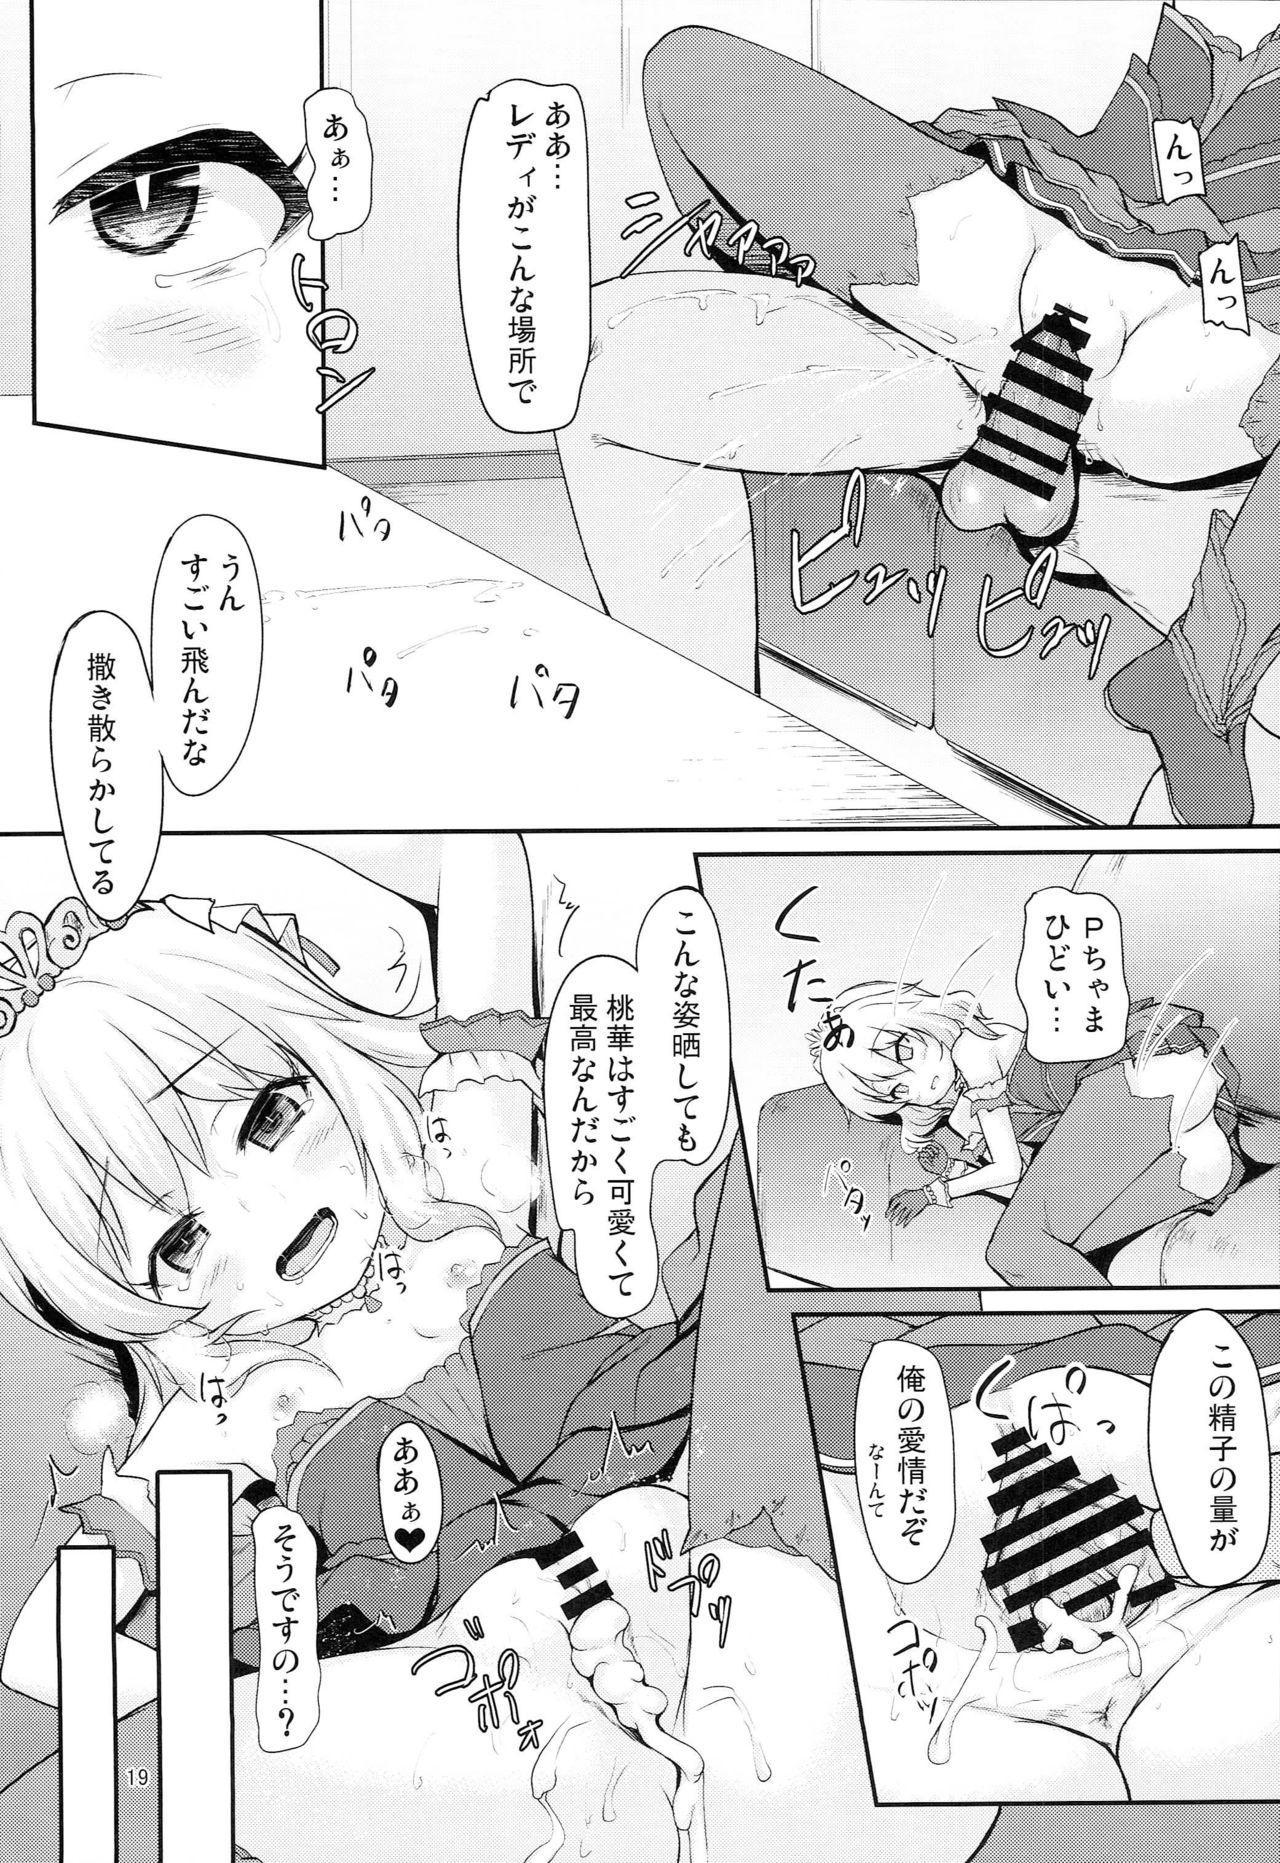 Arisu to Momoka no Oaji wa Ikaga 17